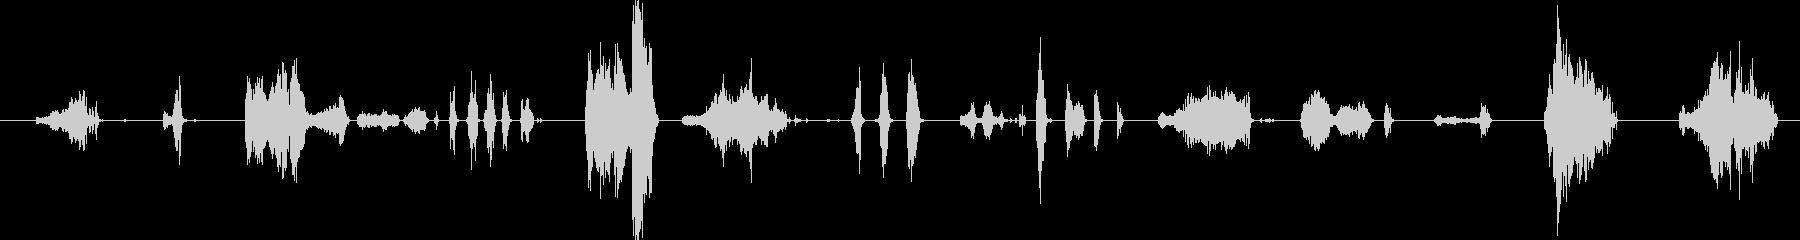 口の音、タイプ:ドナルドダック、人...の未再生の波形